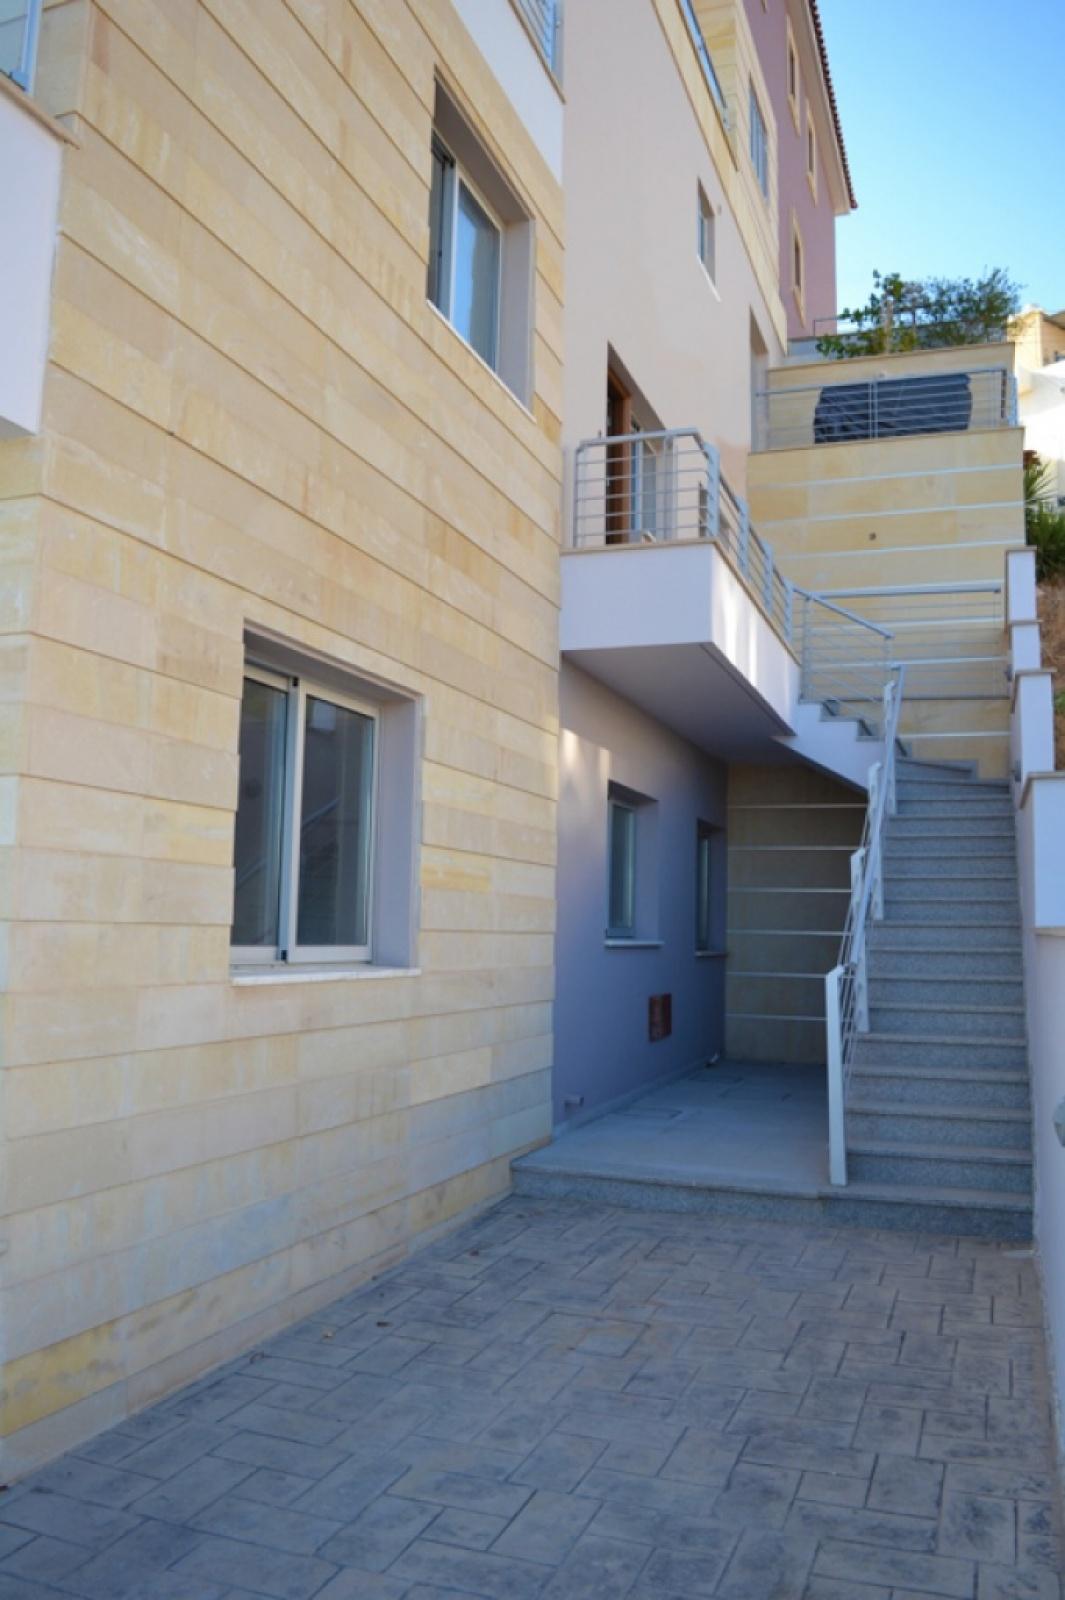 Residential Apartment - Venus Sea View apartment 202